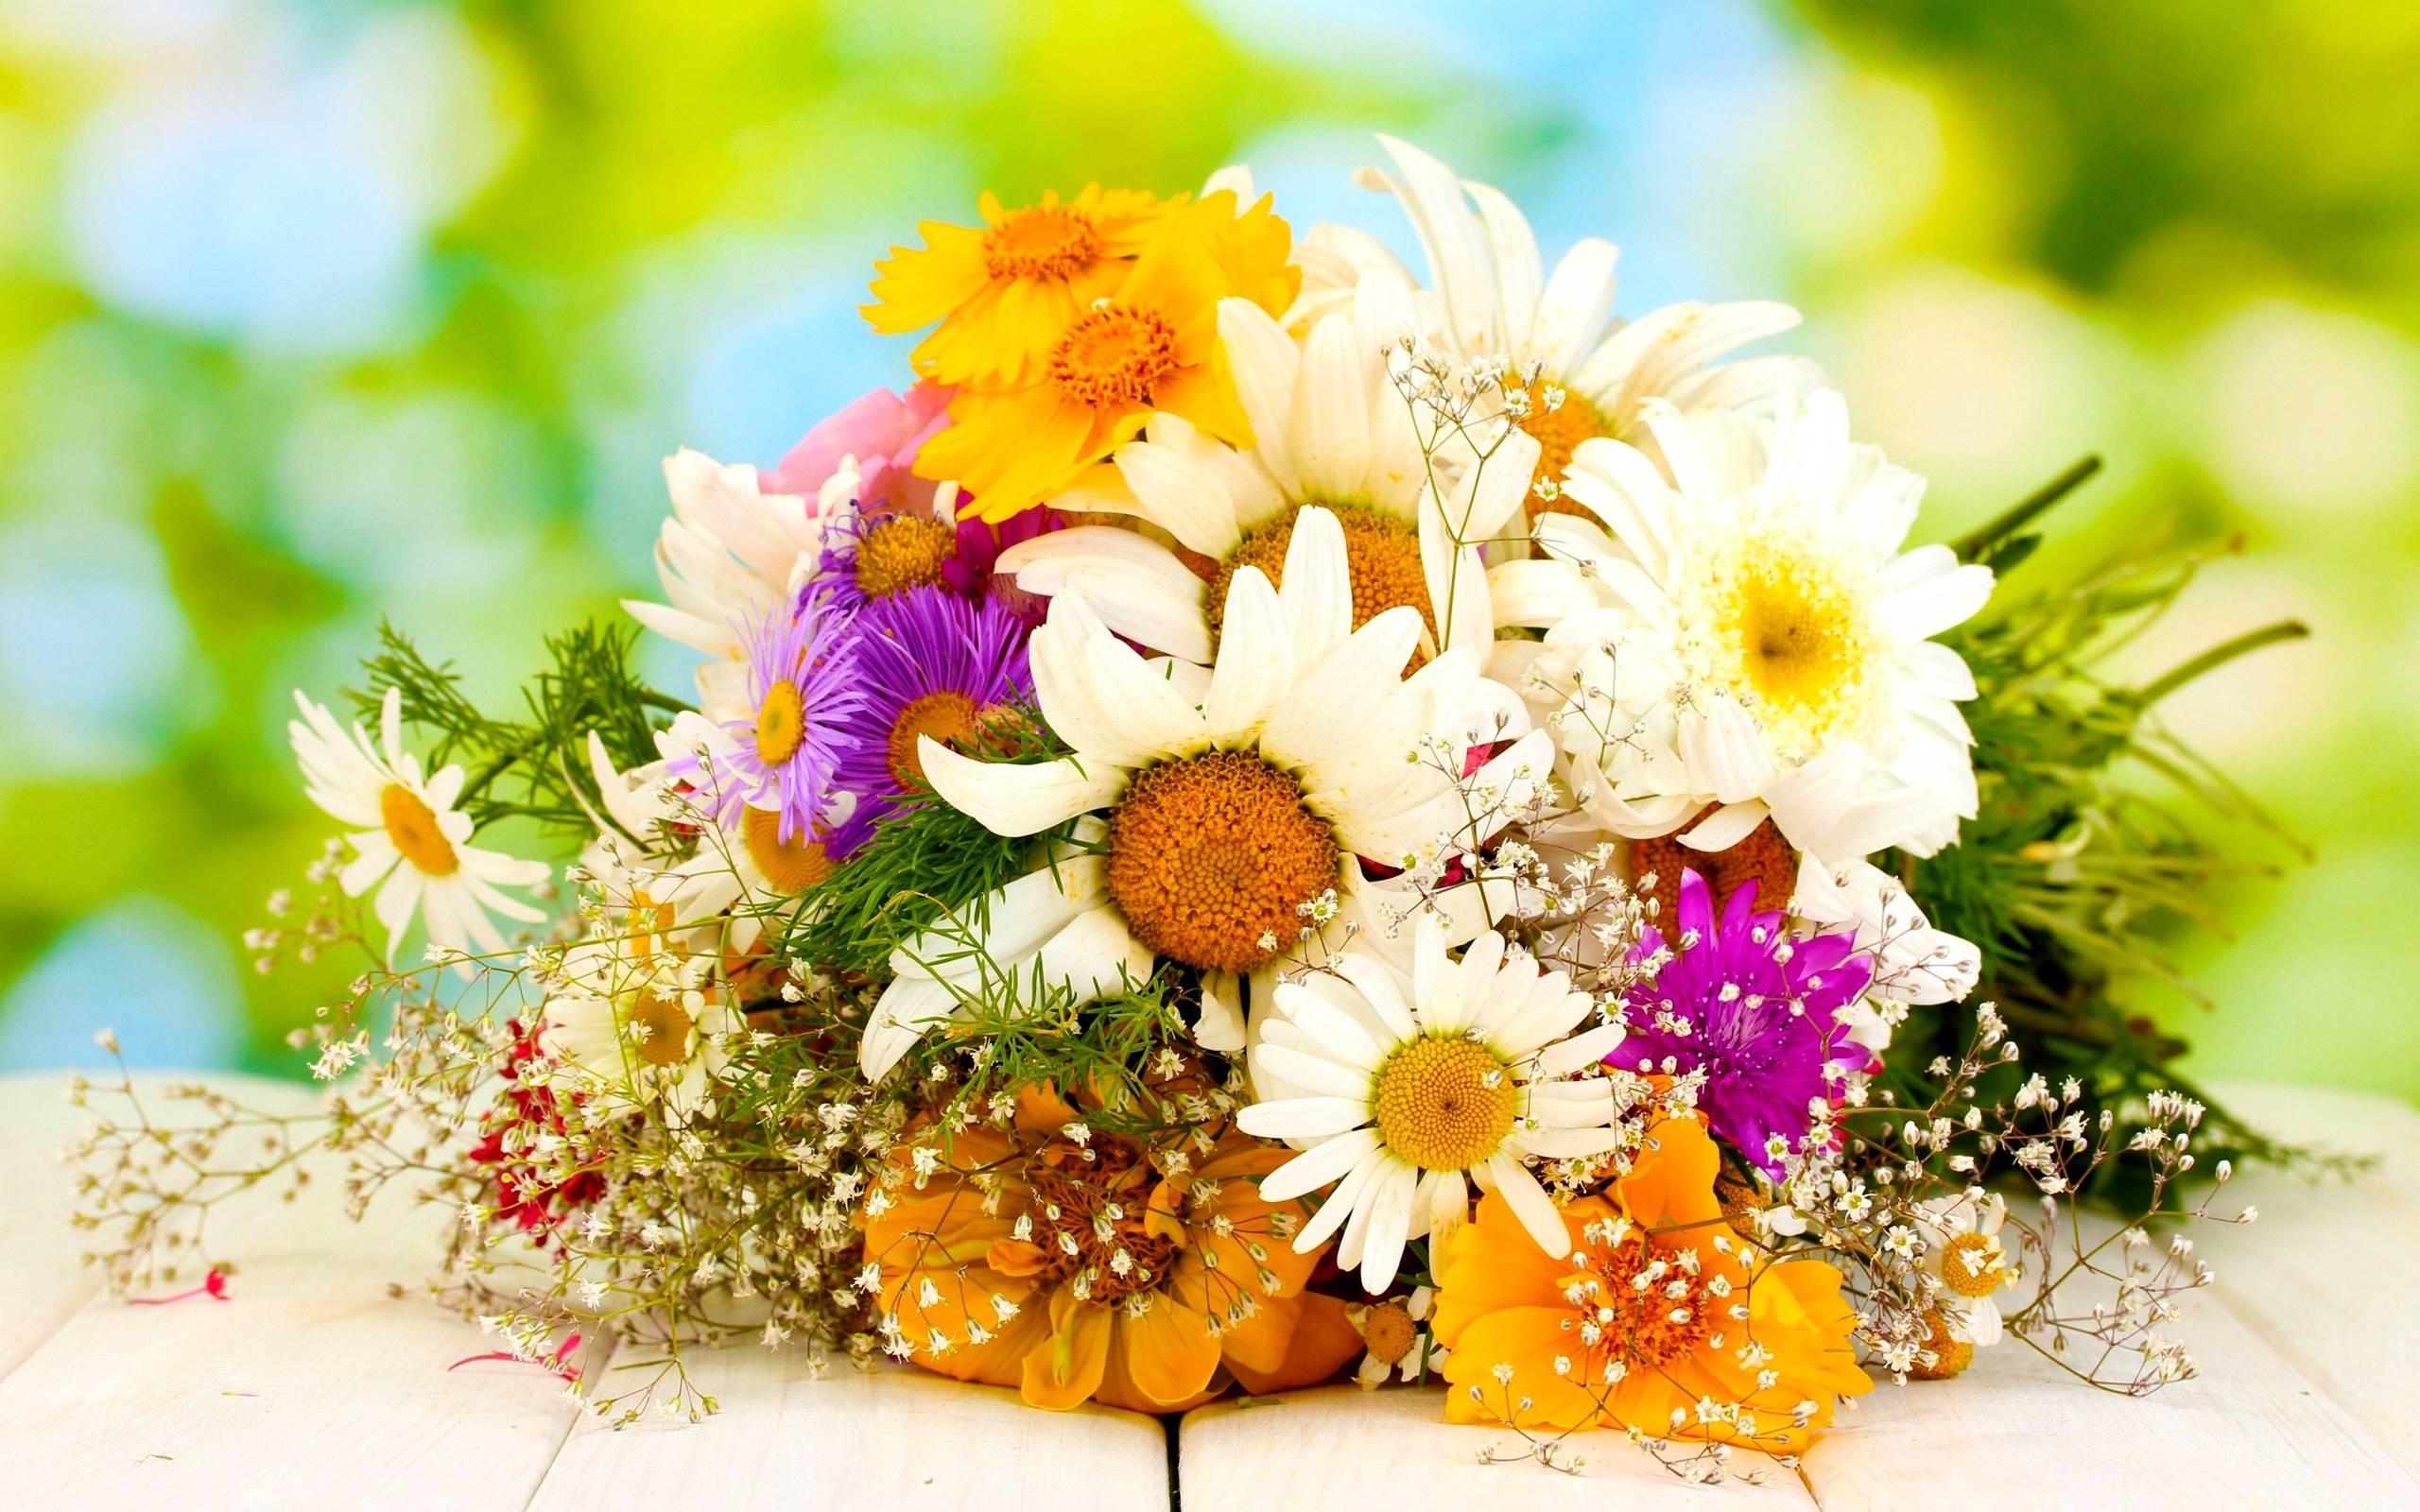 Голосование: фавориты летнего сада — какие цветы ваши любимые?